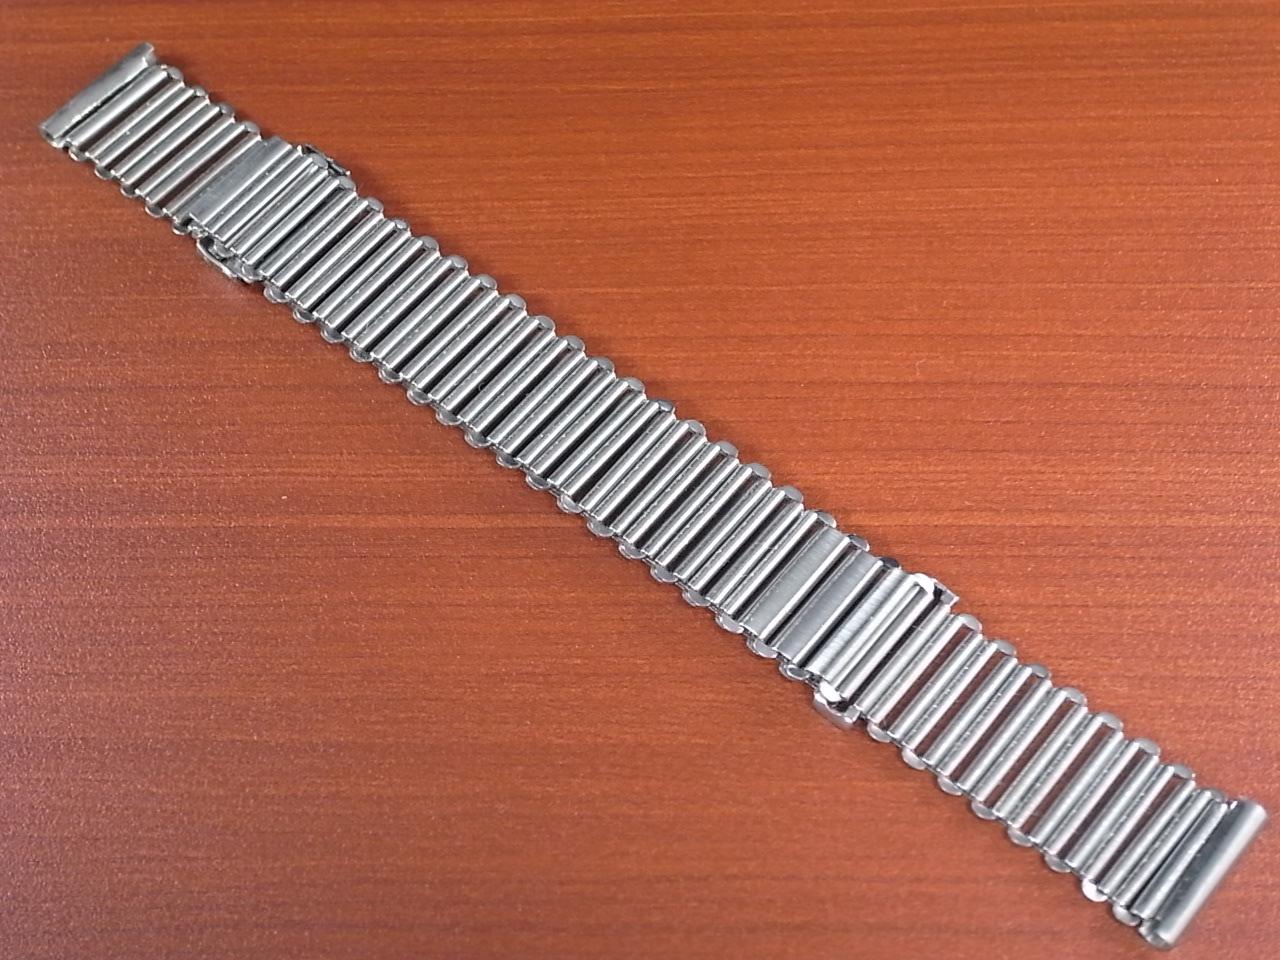 ボンクリップ バンブーブレス SS 筆記体体ロゴ 16㎜タイプ 16㎜ BONKLIPの写真4枚目